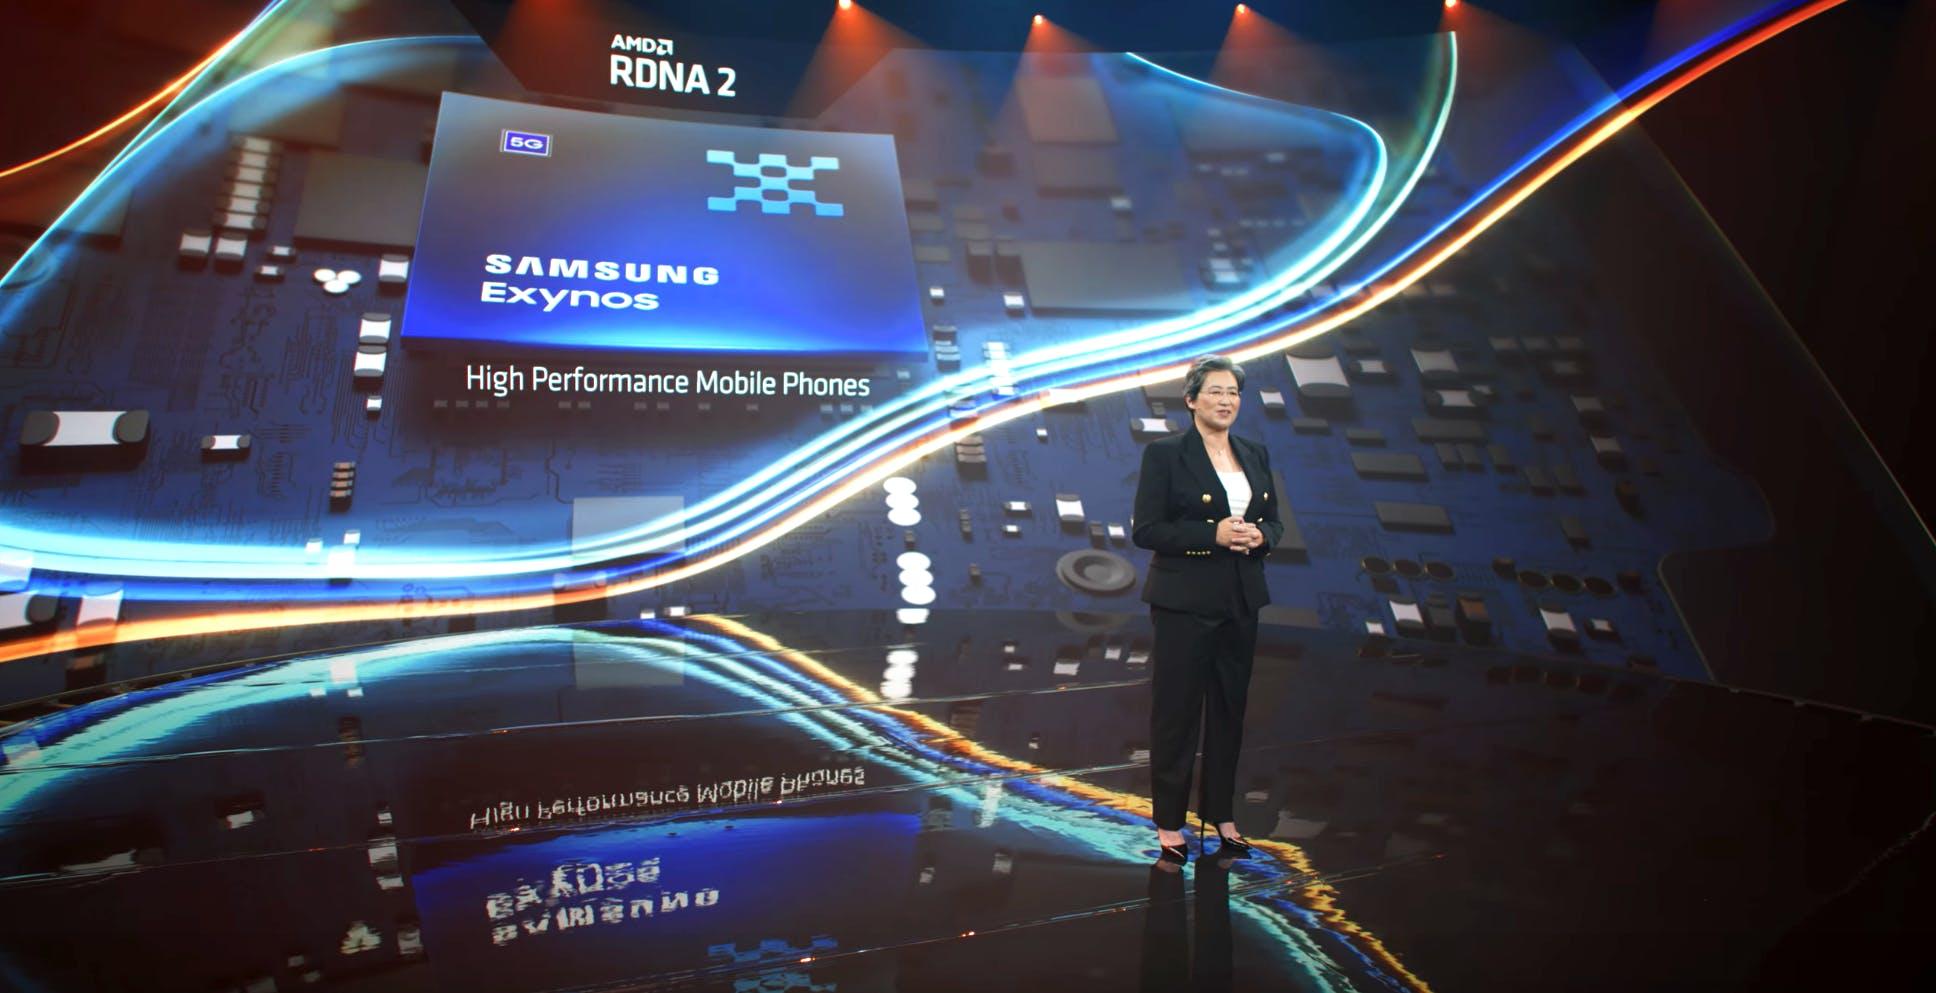 AMD conferma: il processore Samsung Exynos con GPU RDNA 2 arriva quest'anno